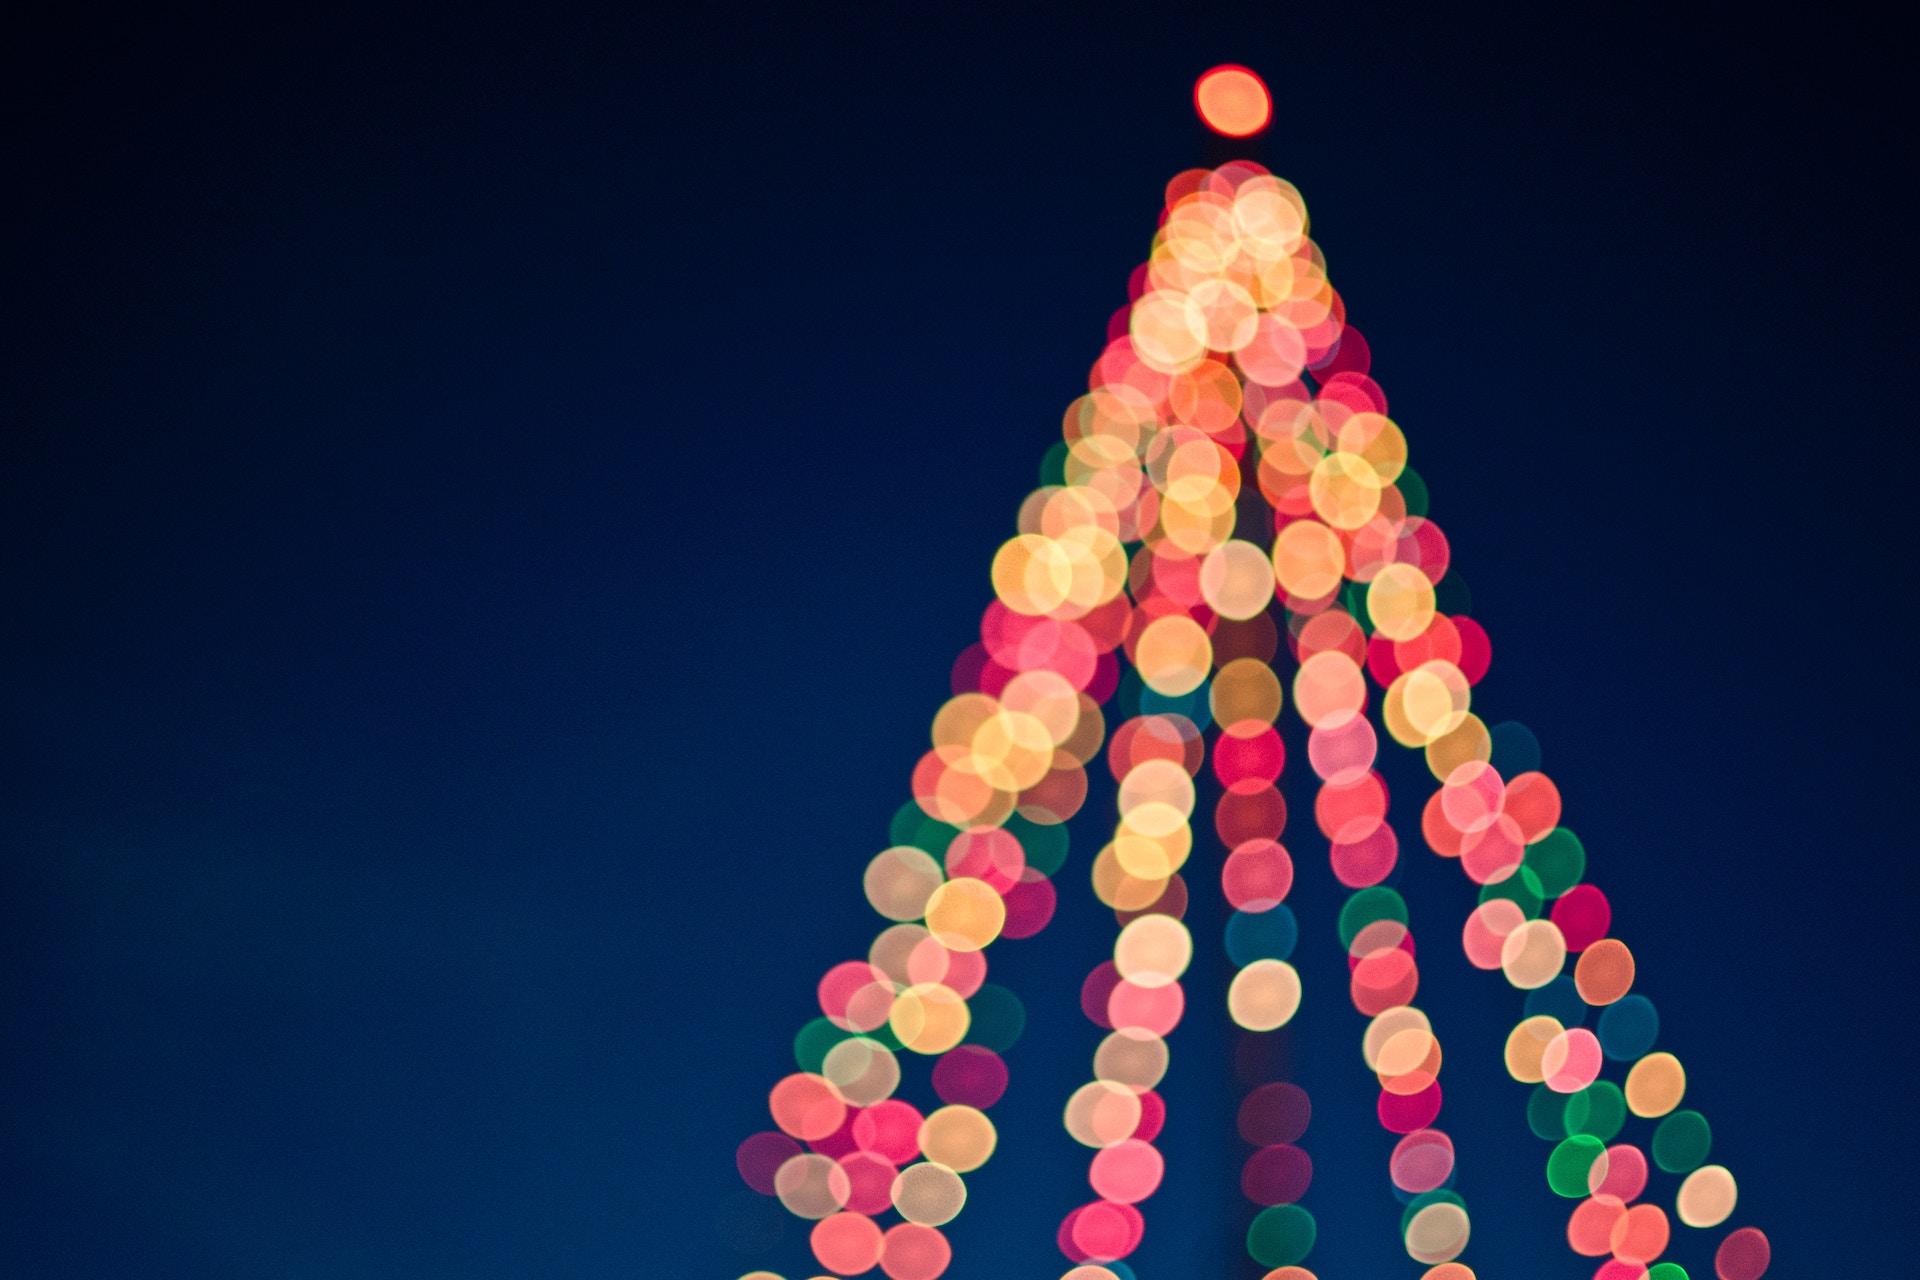 Weihnachten, das Fest der Geschenke…….. äh der Liebe!